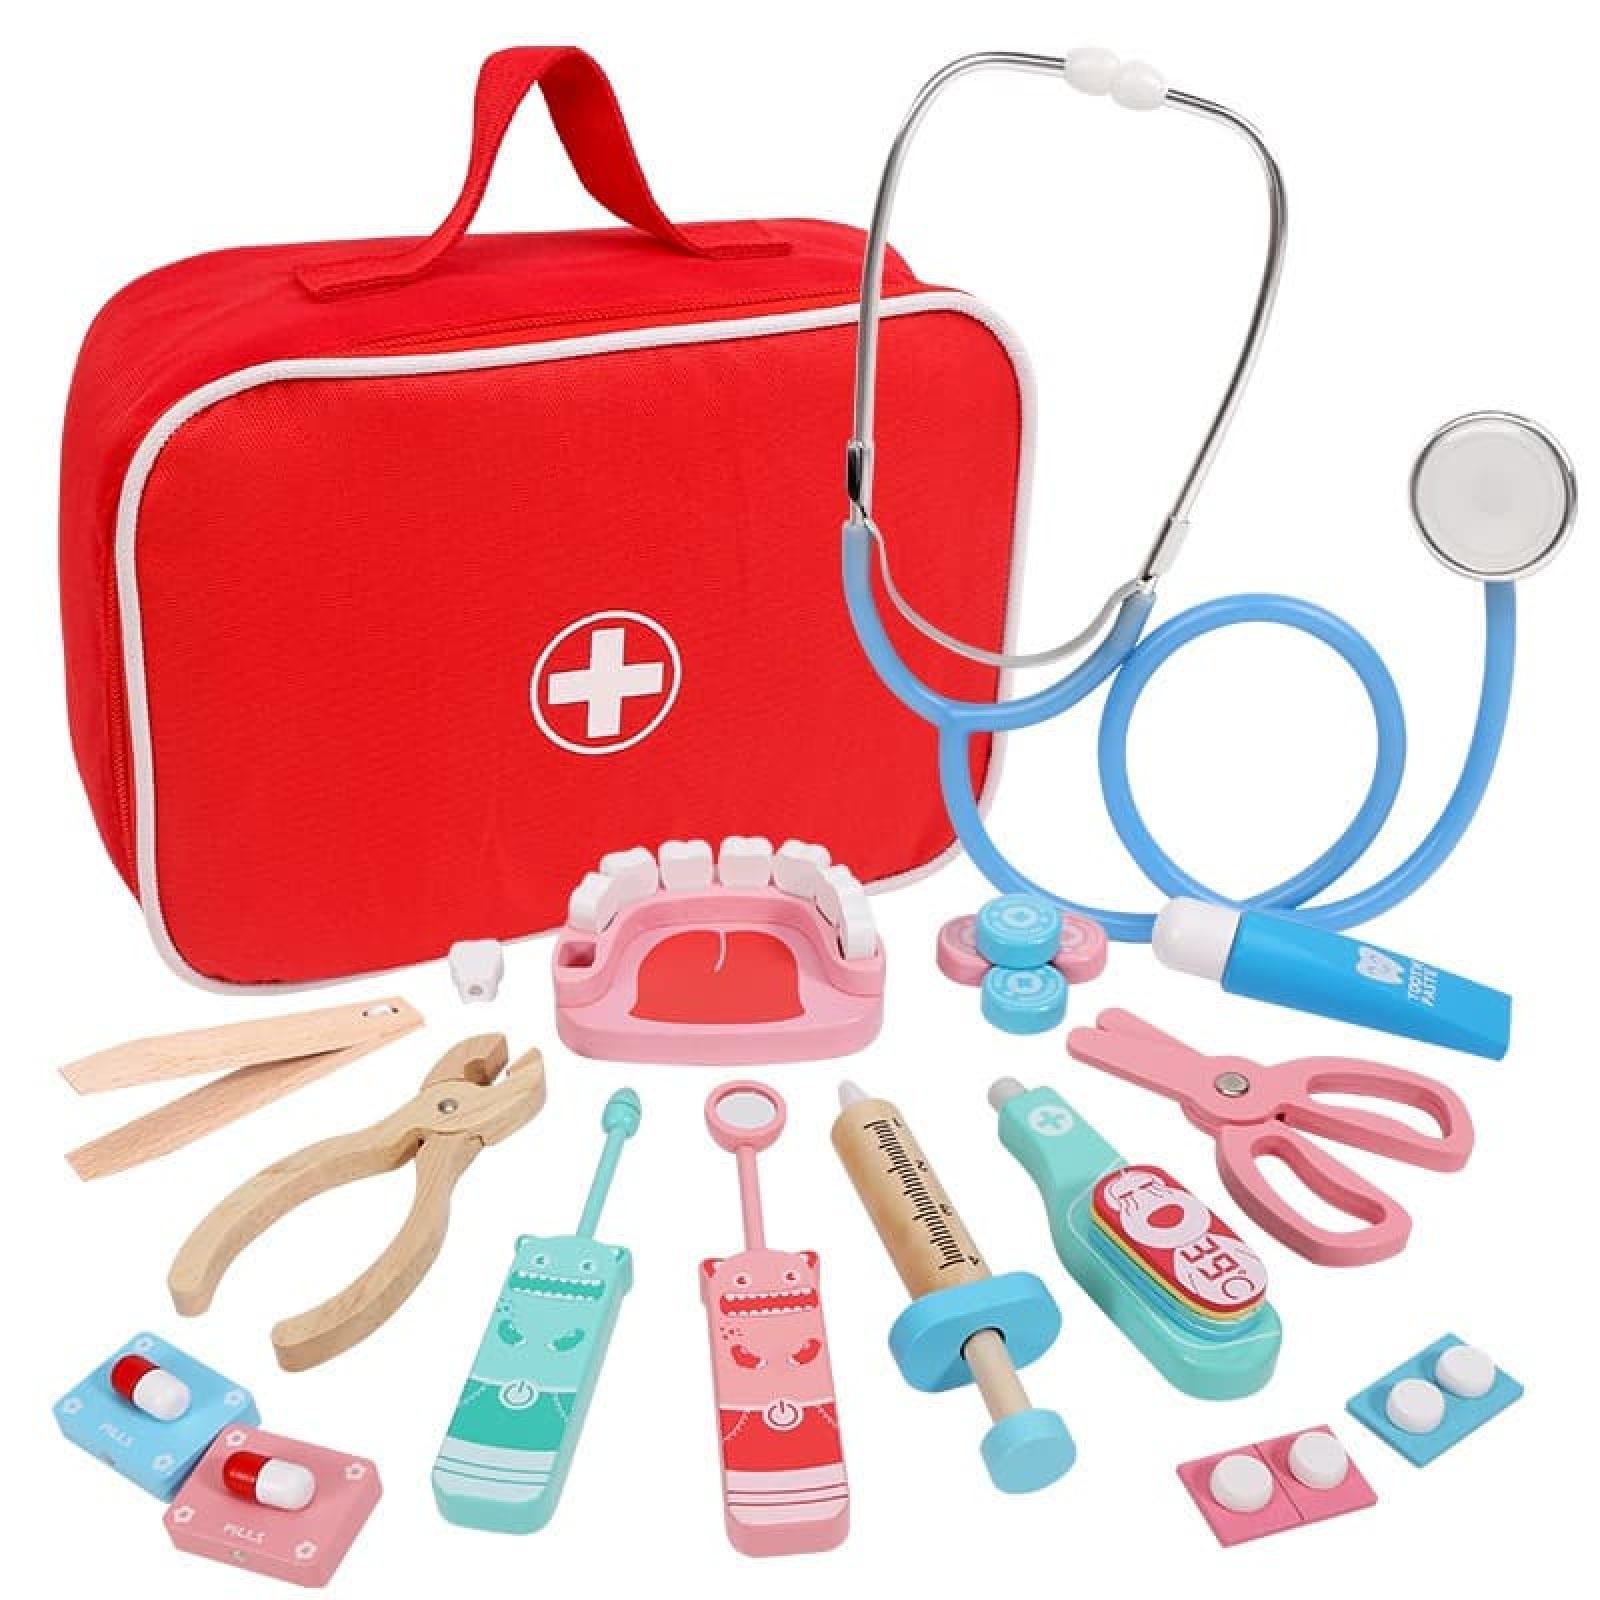 Vali đồ chơi bác sĩ cho bé 001